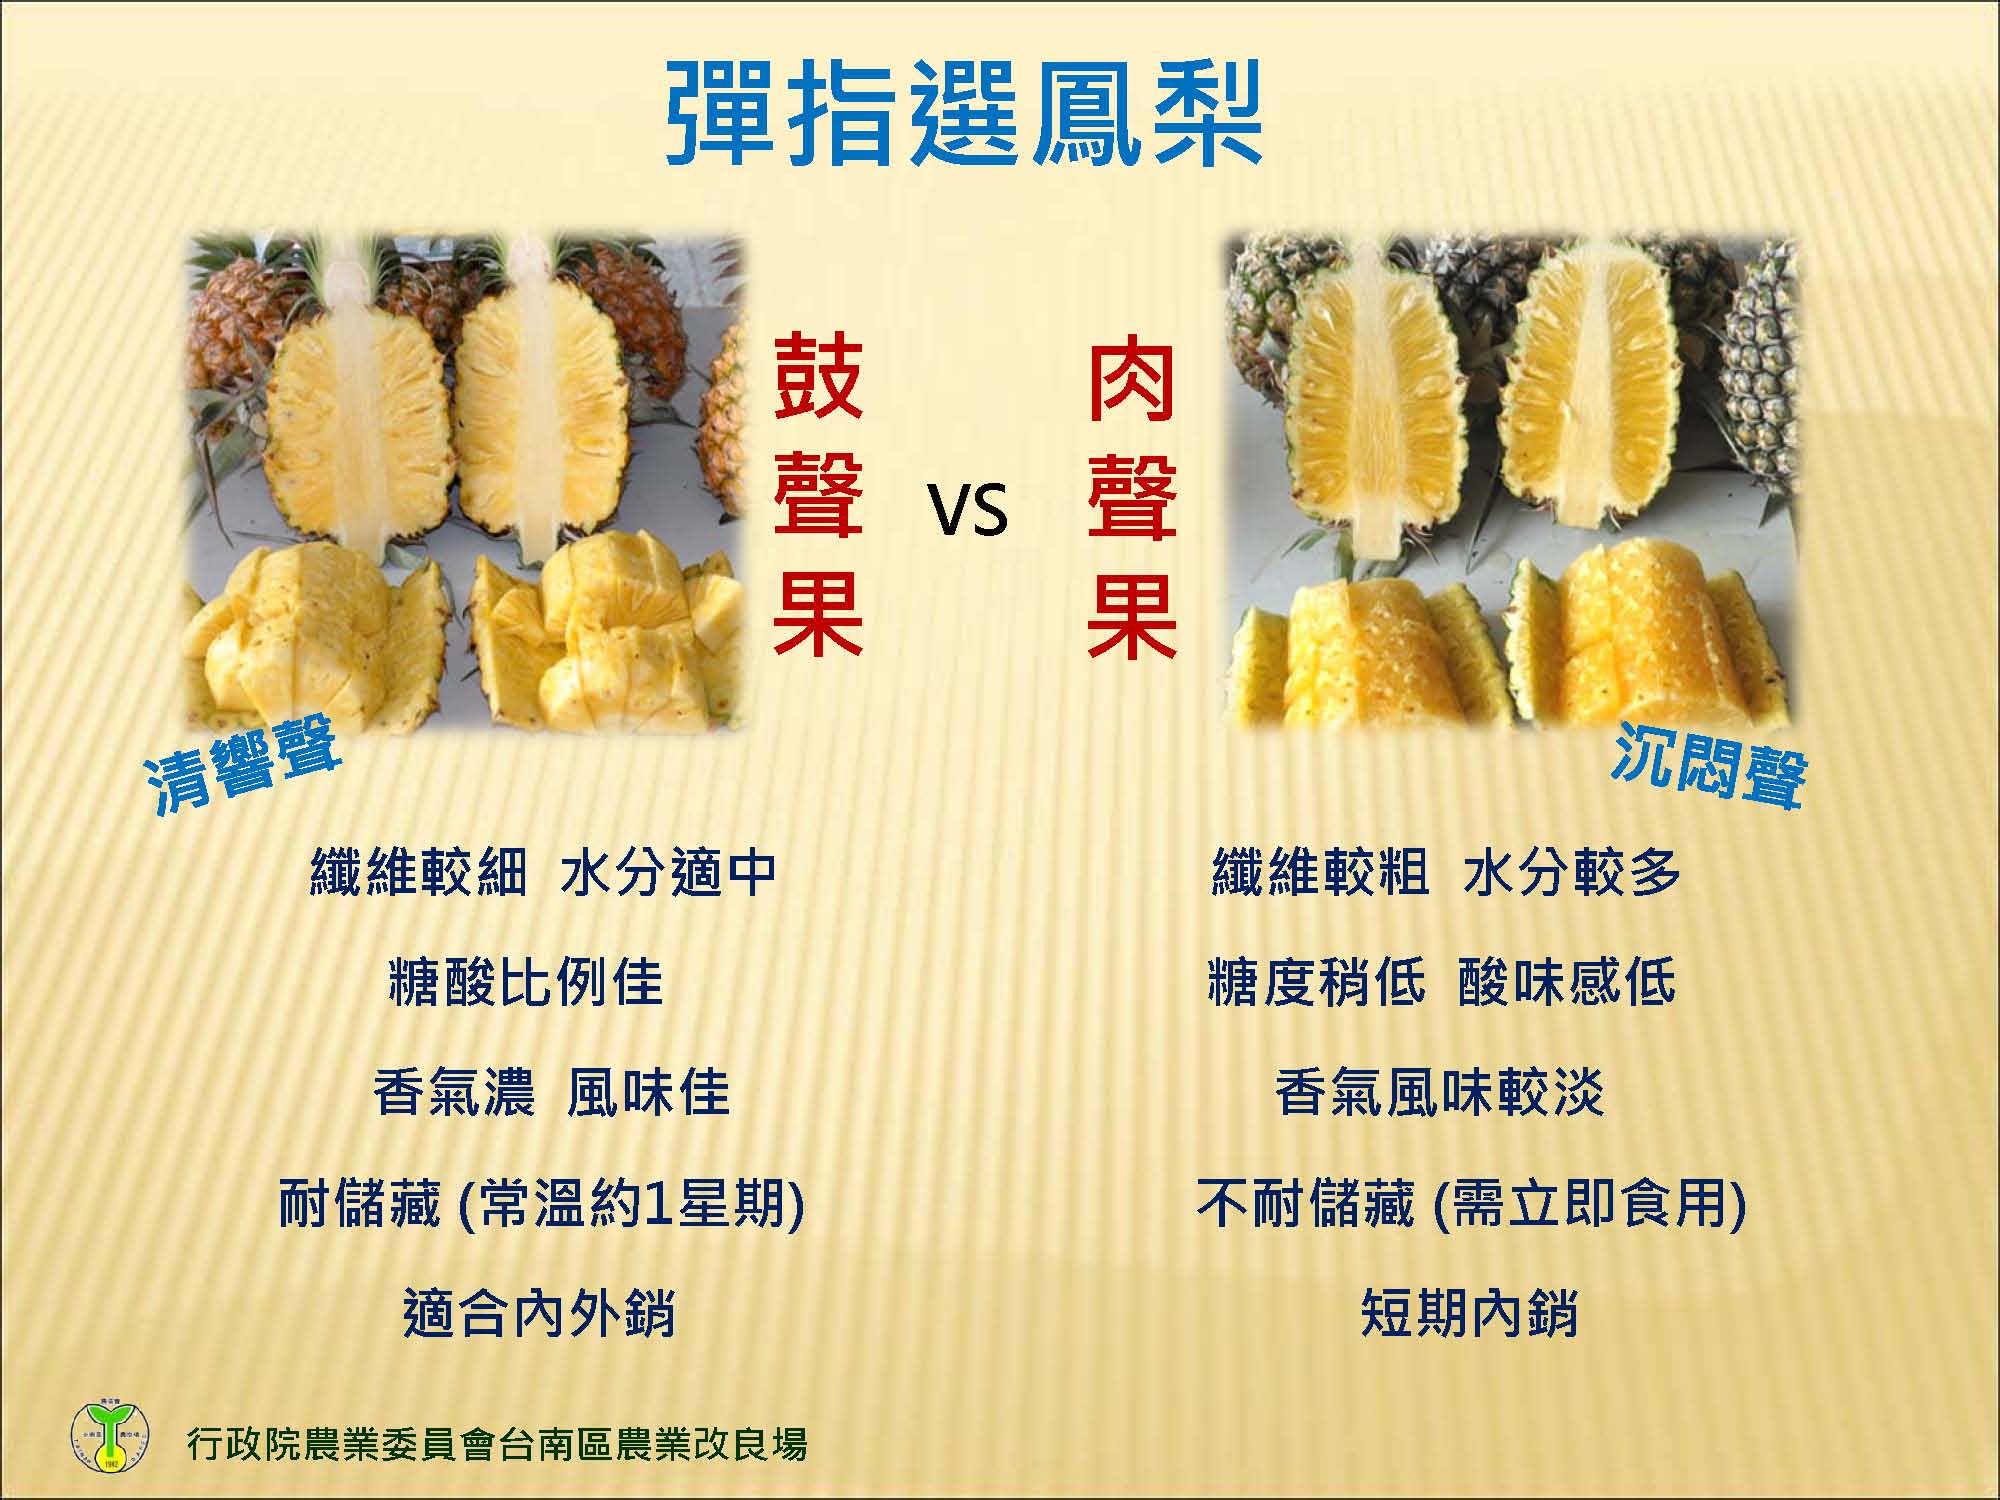 鳳梨香甜好滋味 臺南區農業改良場挑選秘訣大公開